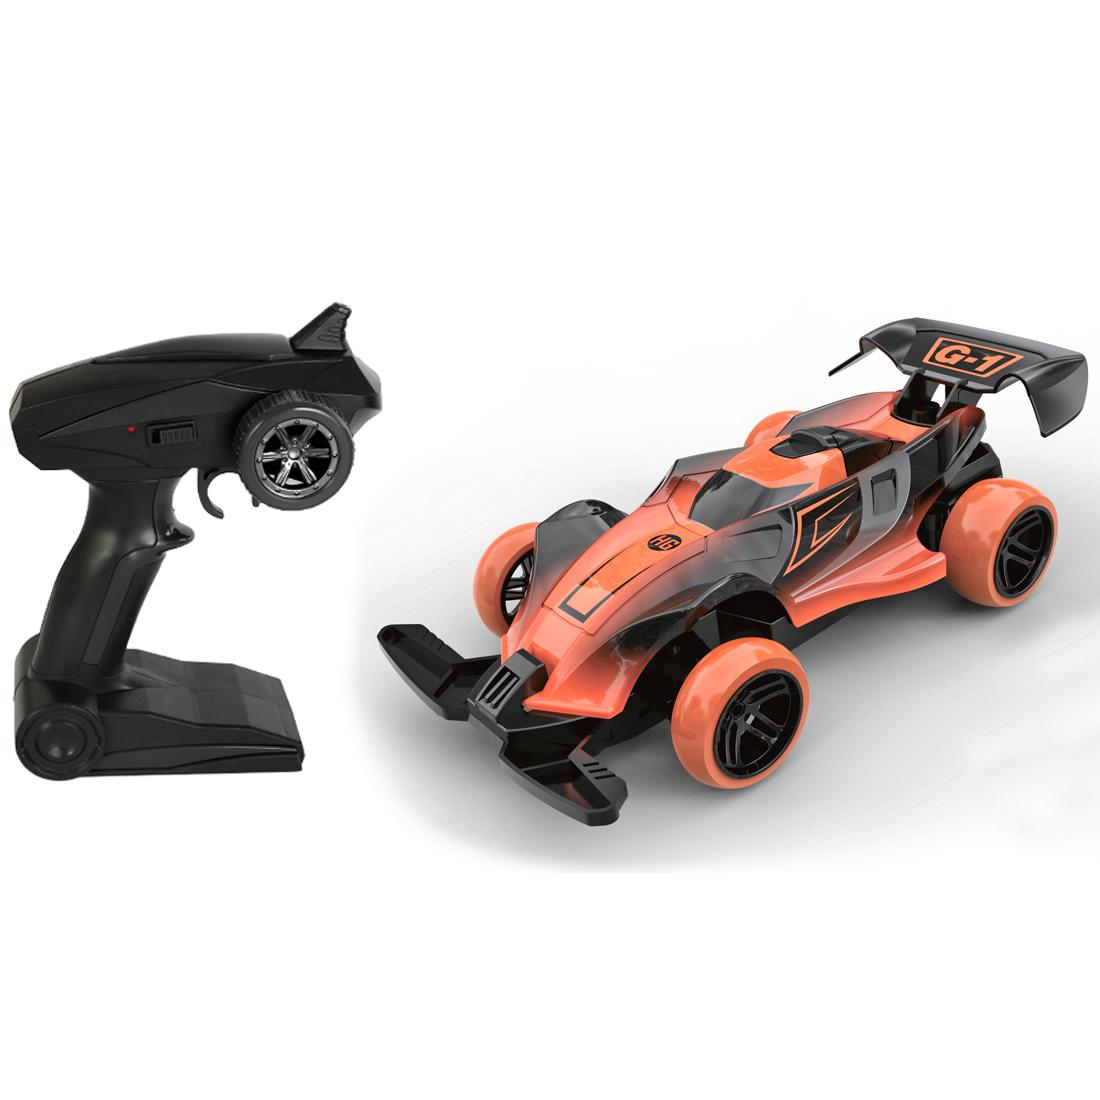 Игрушки на радиоуправлении Наша игрушка Болид машинка на радиоуправлении пламенный мотор болид пластик металл от 6 лет разноцветный